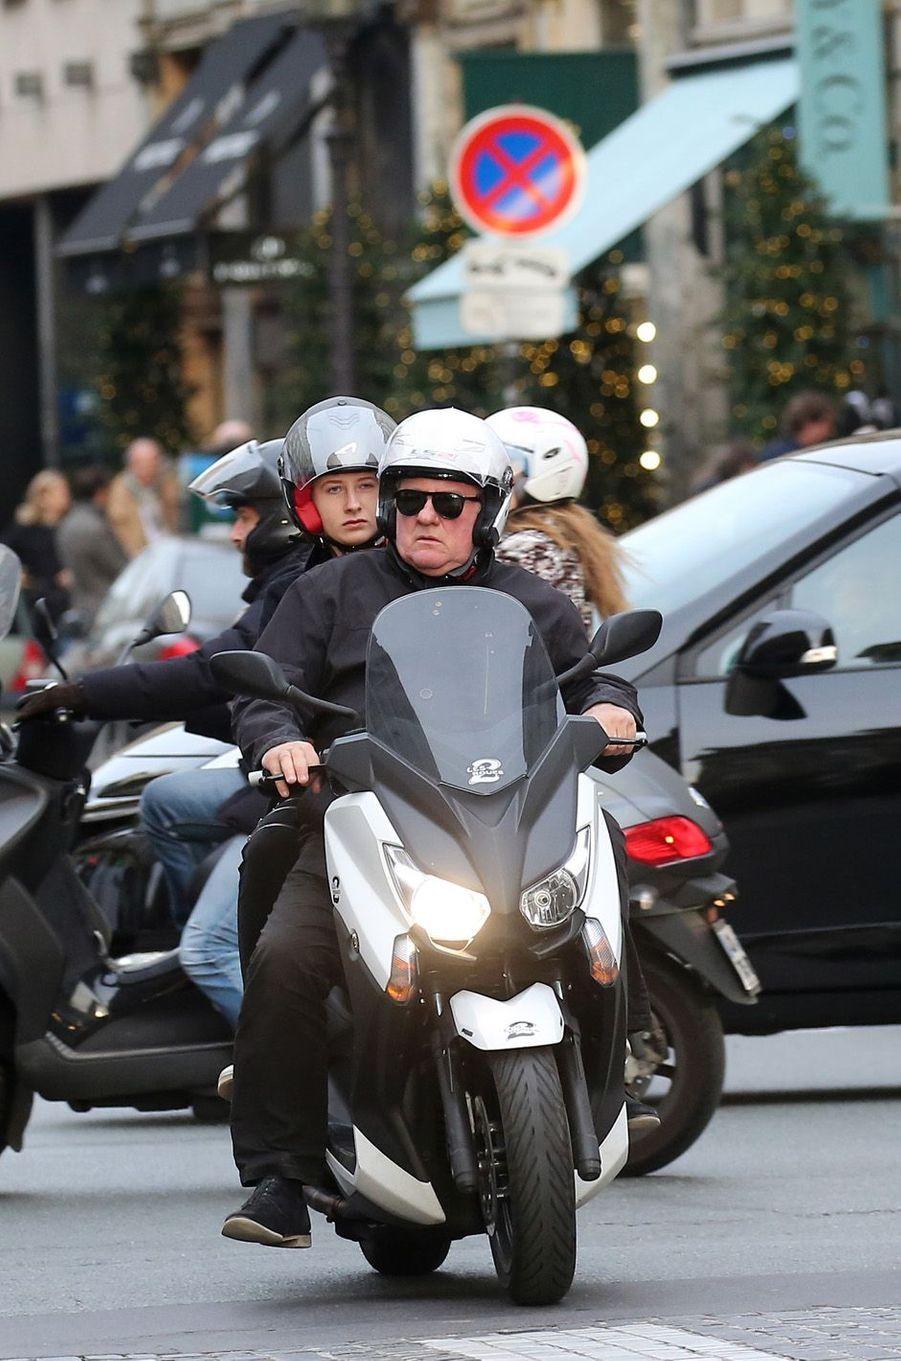 Le 19 décembre 2015 Louise Depardieu et son grand père Gérard Depardieu se proménent dans les rues de Paris en scooter